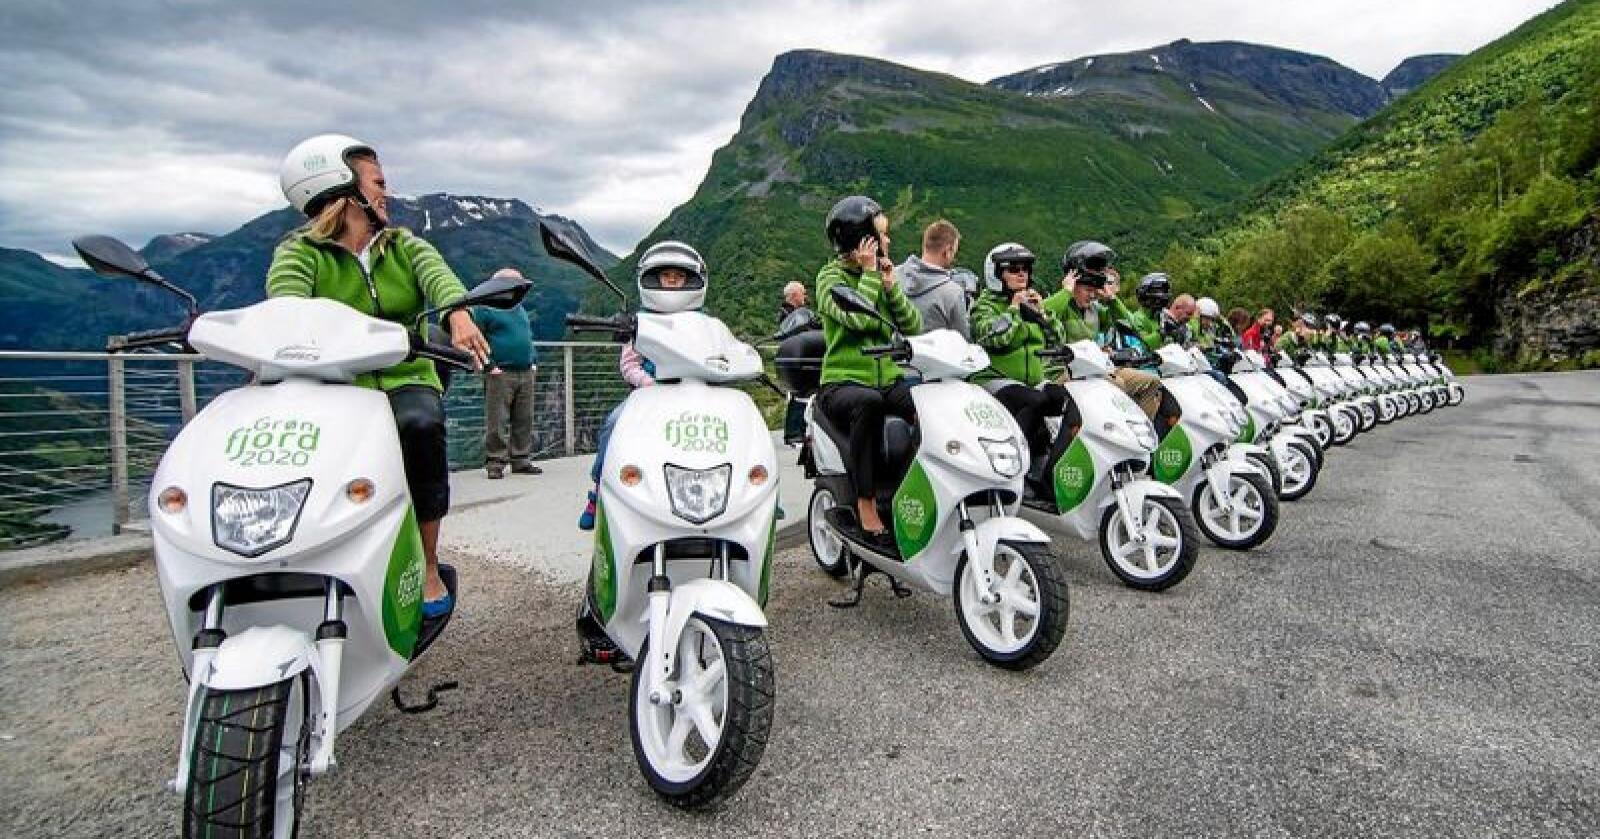 Mer miljøvennlig transport er tema for mange av søknadene til  Klimasats i 2019. Her fra turistbygda Geiranger i Stranda kommune som satser stadig mer på ulike elkjøretøy både for turister og fastboende. Foto: Grøn Fjord 2020